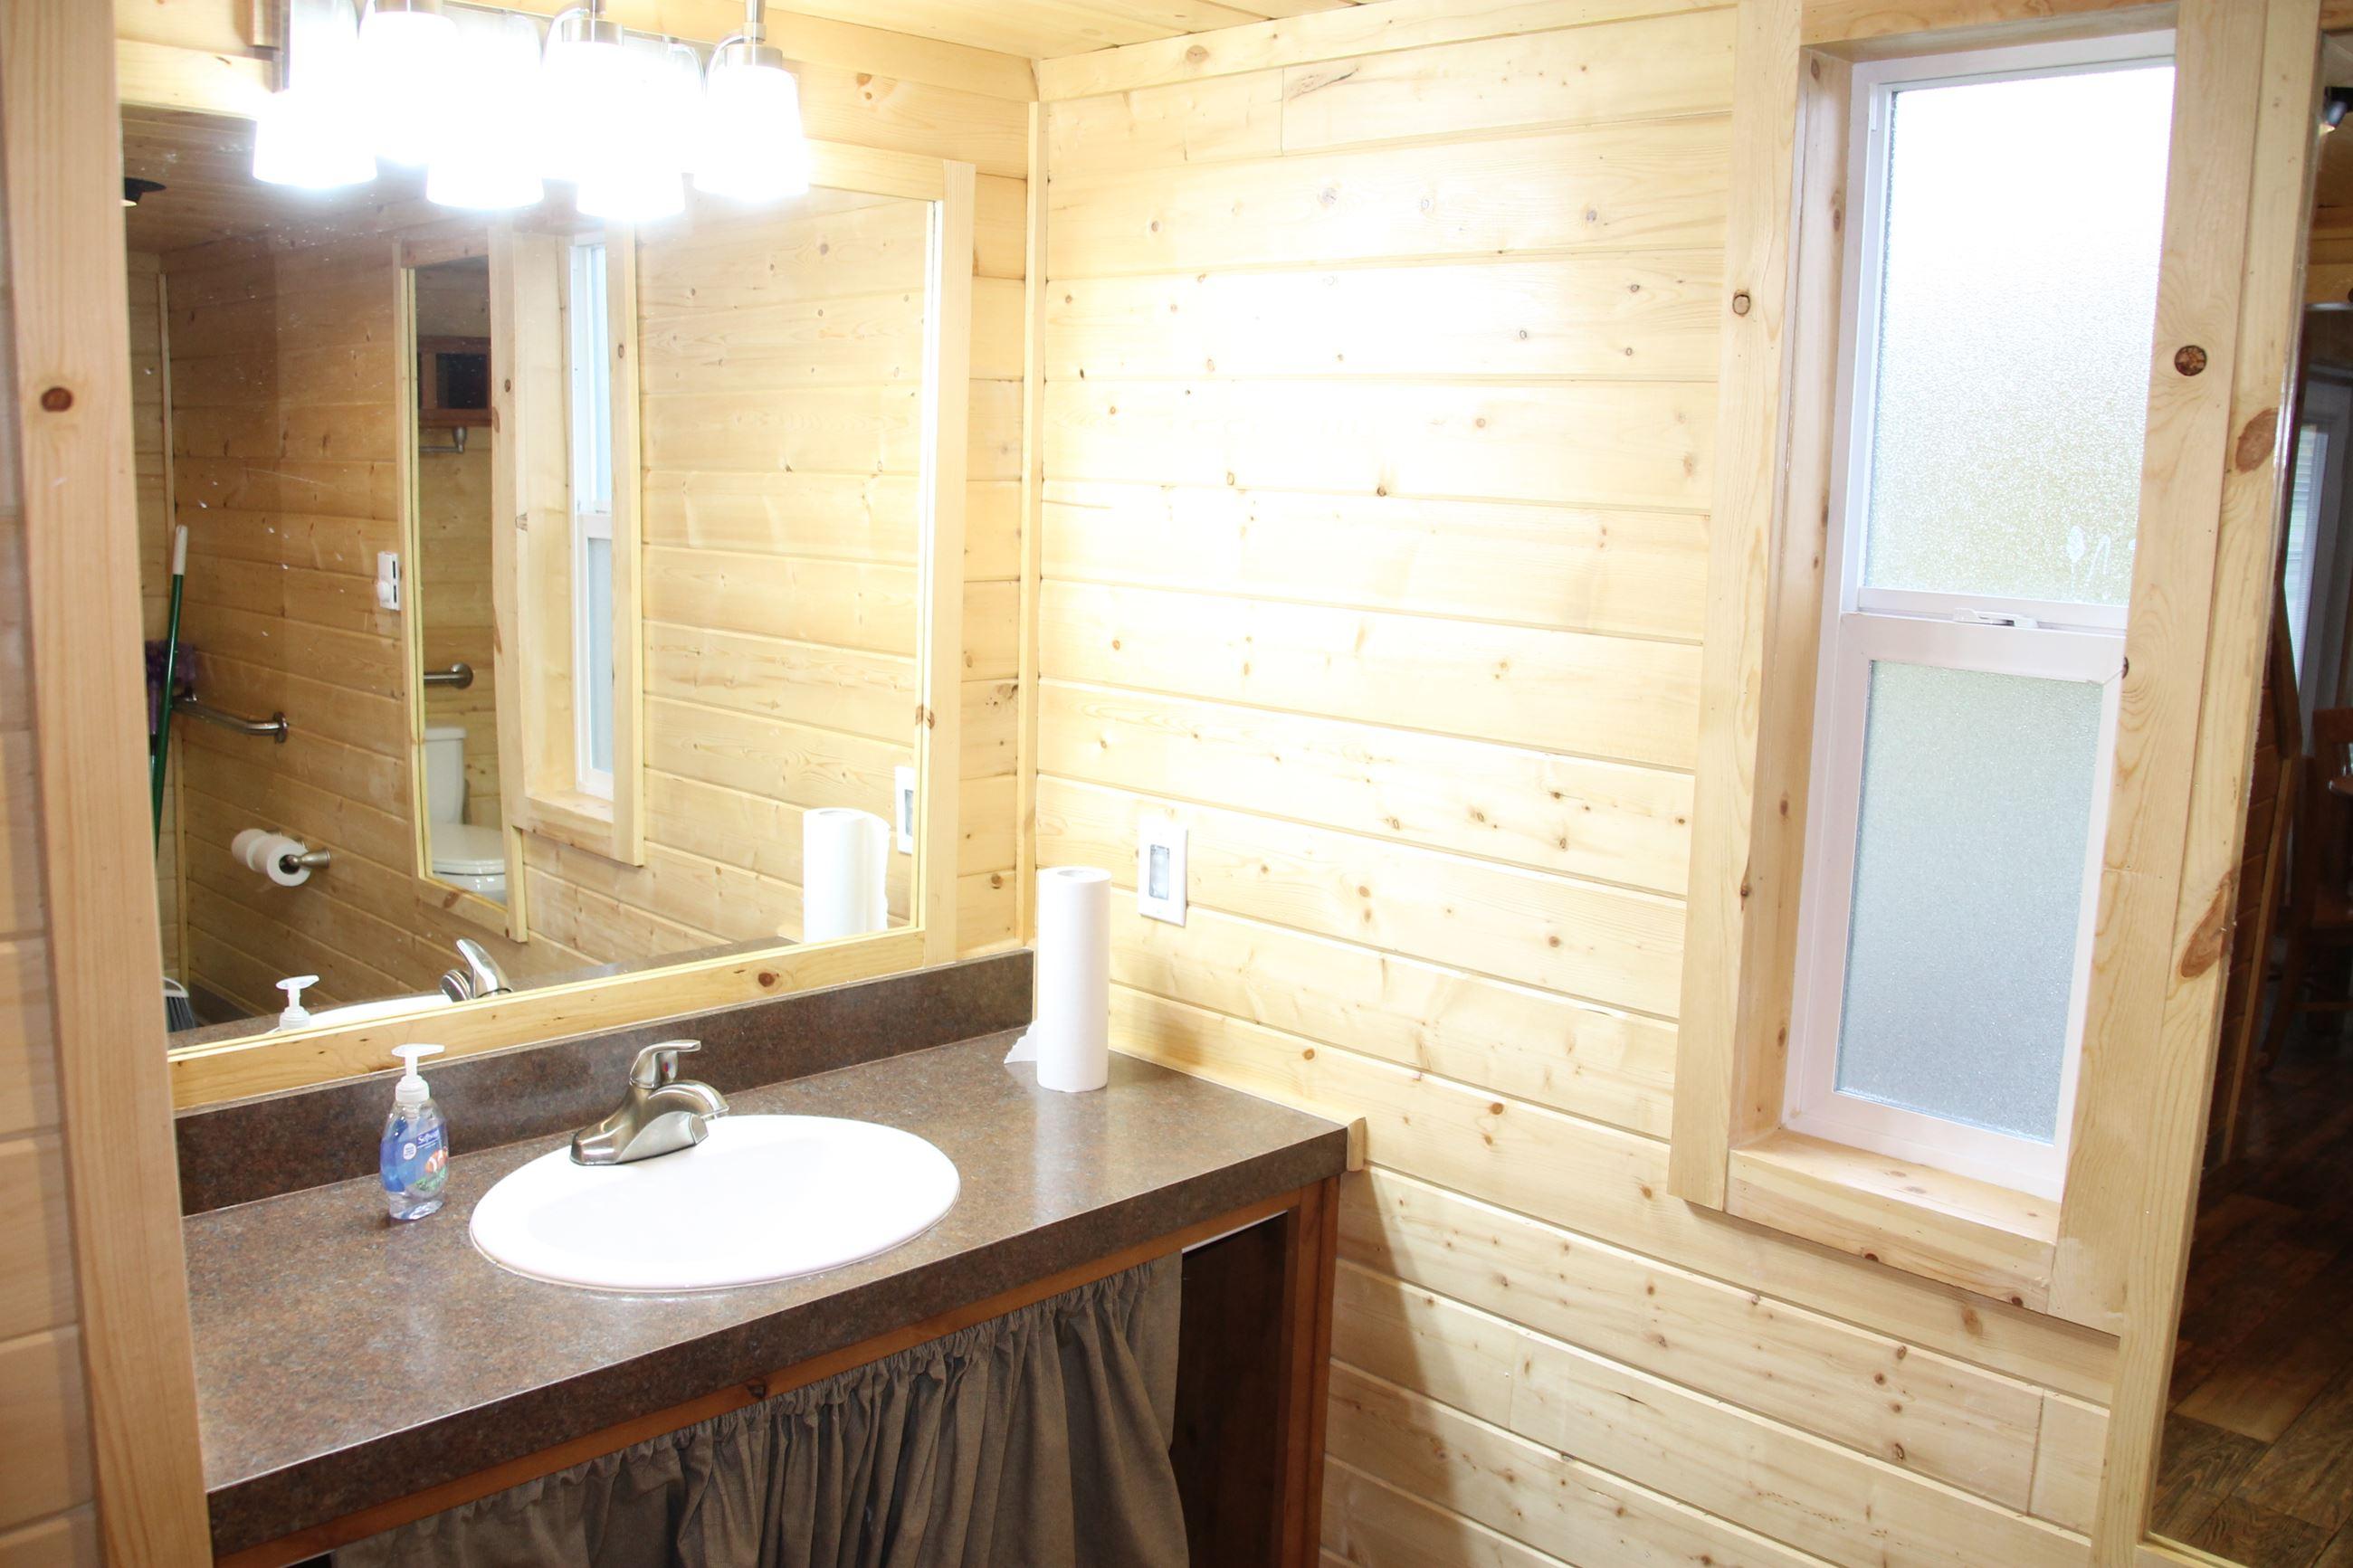 Camping Cabins | Aberdeen, SD - Official Website